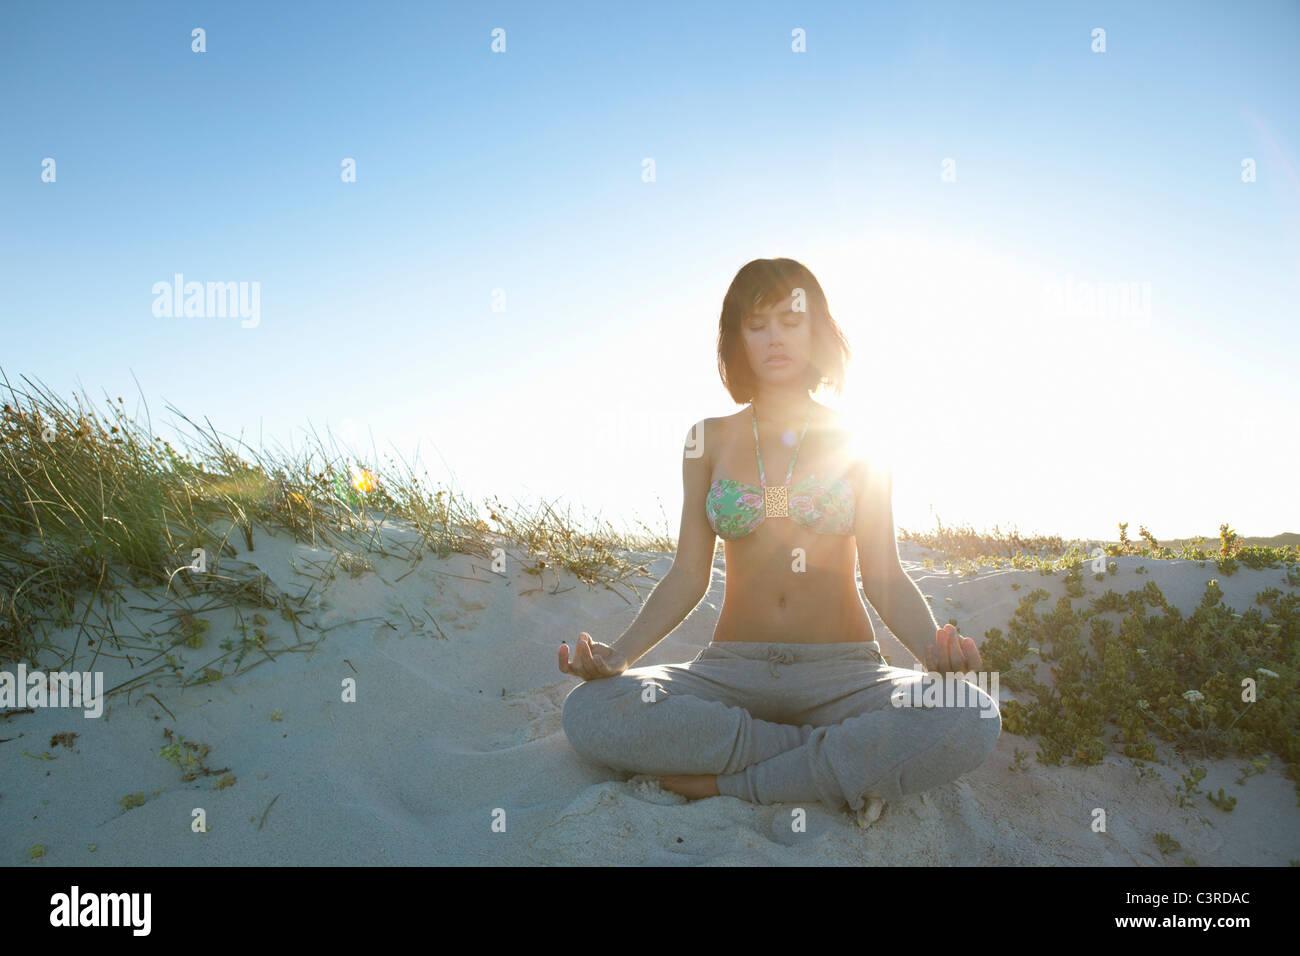 Girl doing yoga - Stock Image